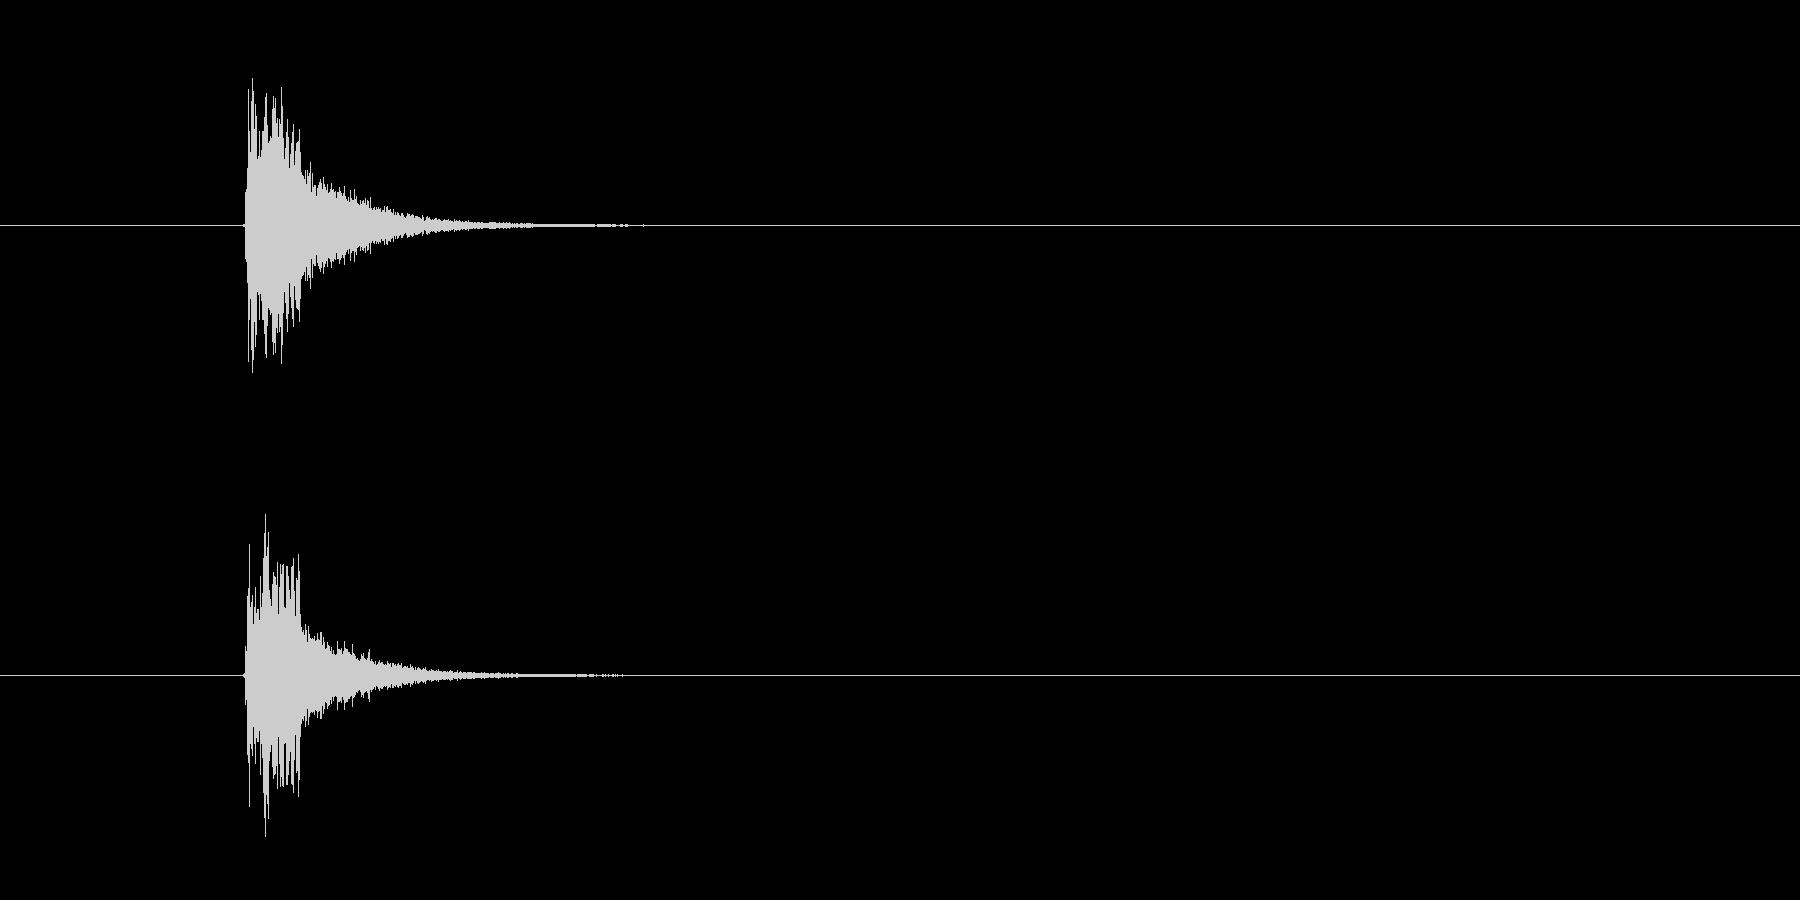 シンバル ホイッスル (すぴっ)の未再生の波形